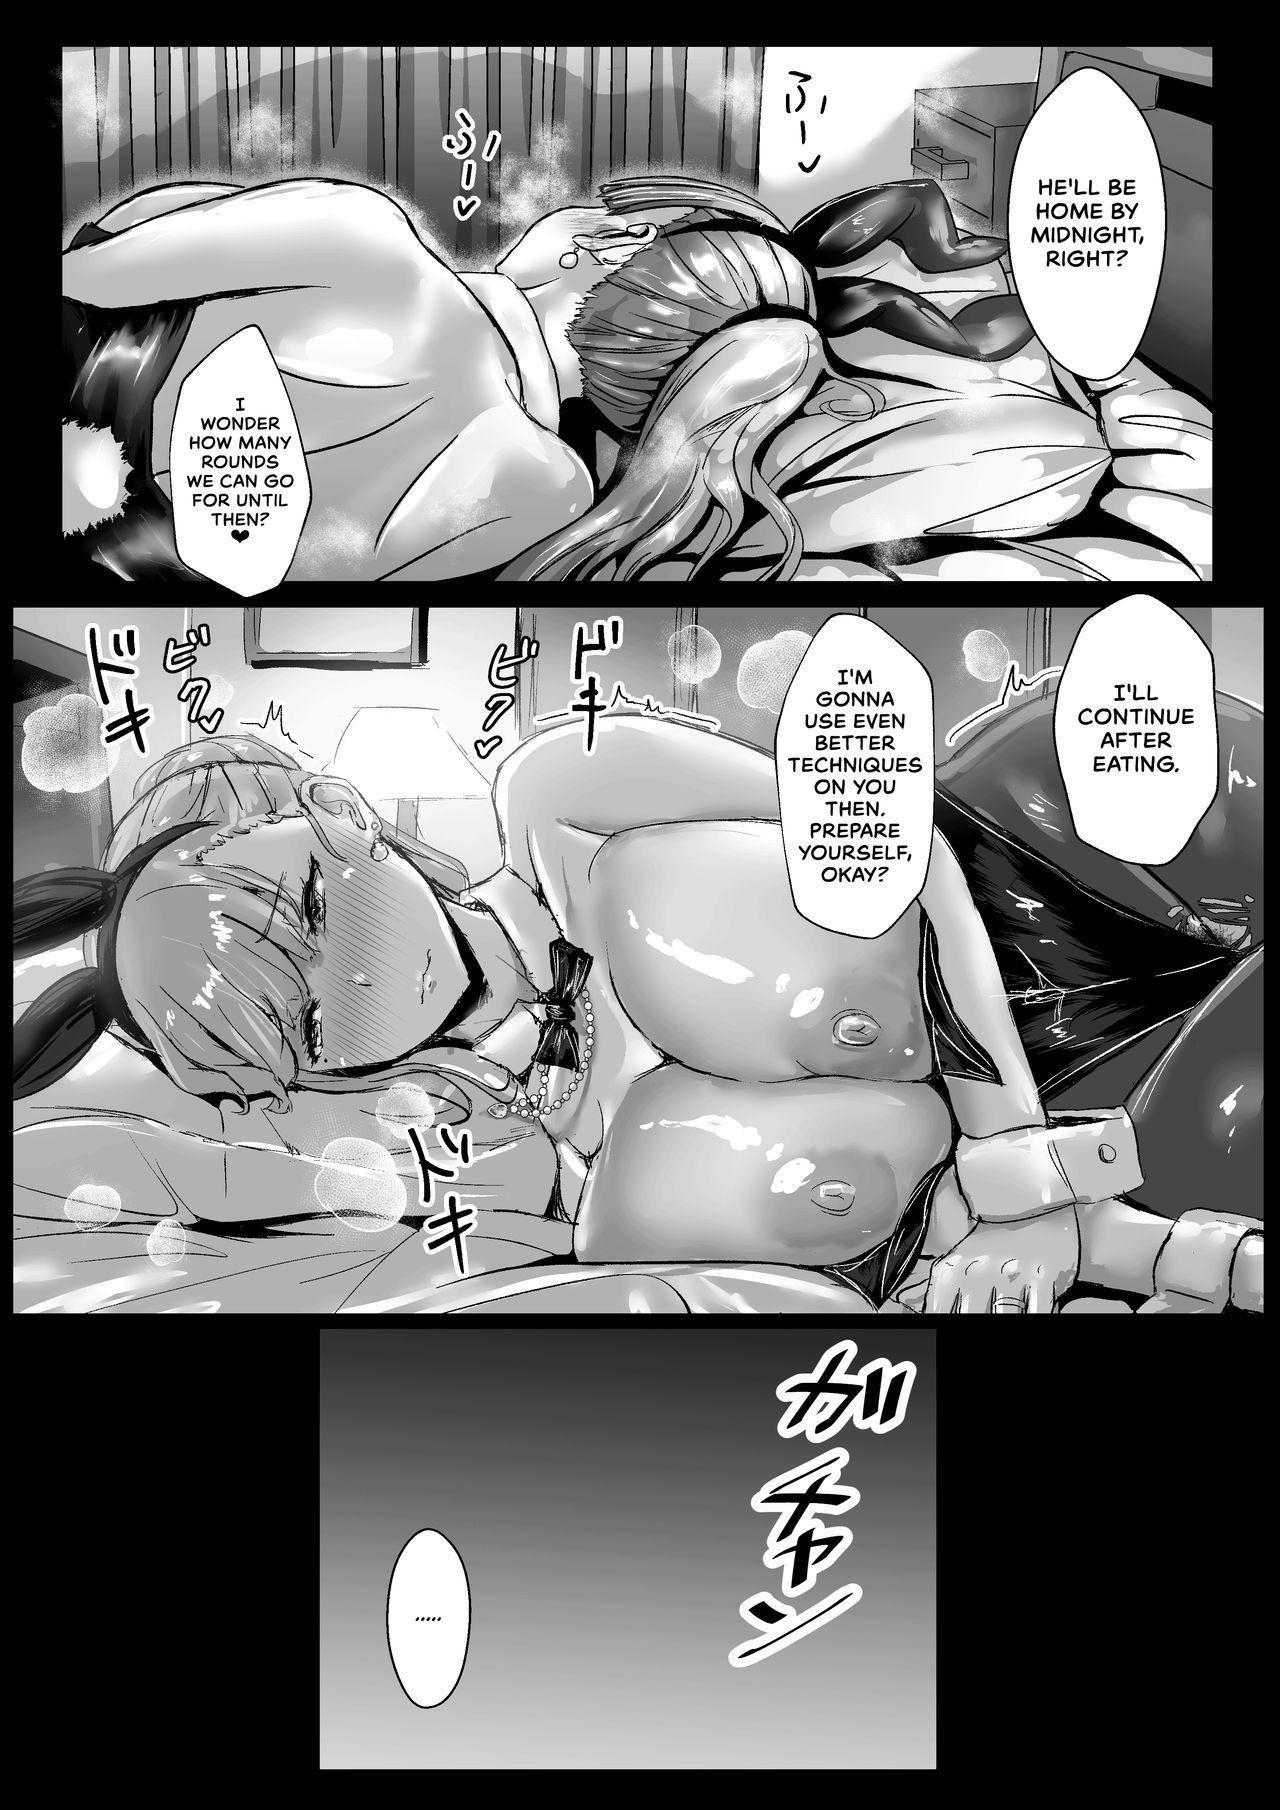 Tsuma ga Midareta Sugata o Boku wa Shiranai   I've Never Seen My Wife Dishevelled 37